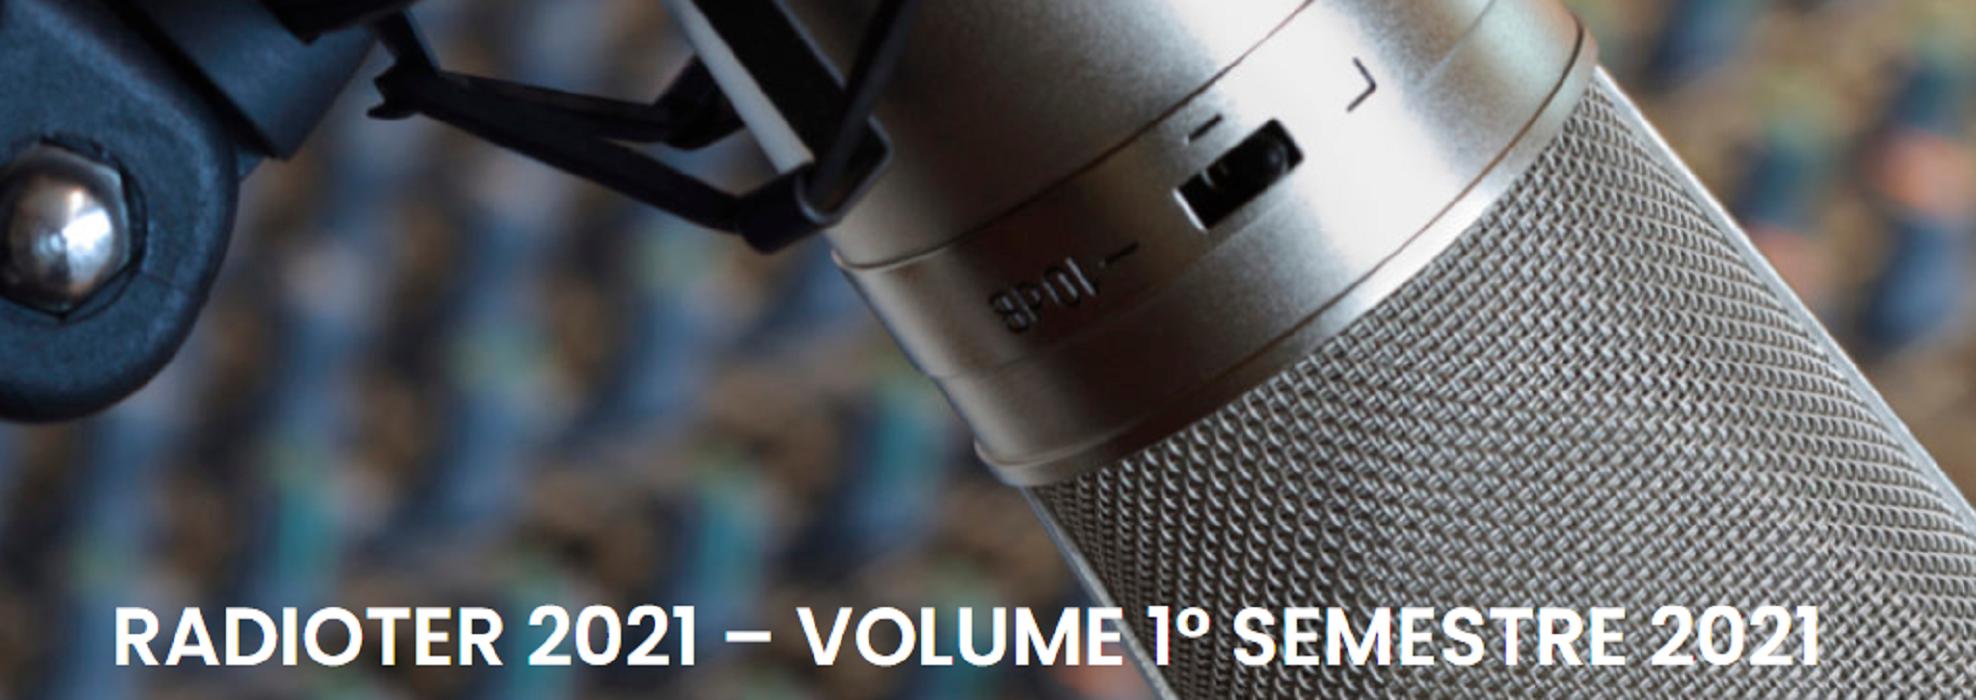 1° semestre 2021 TER - Radio. Indagine di ascolto TER: pubblicati i dati del 1° semestre 2021. Giù ricevitori FM e autoradio. Su Tv e IP. Debuttano gli smart speaker